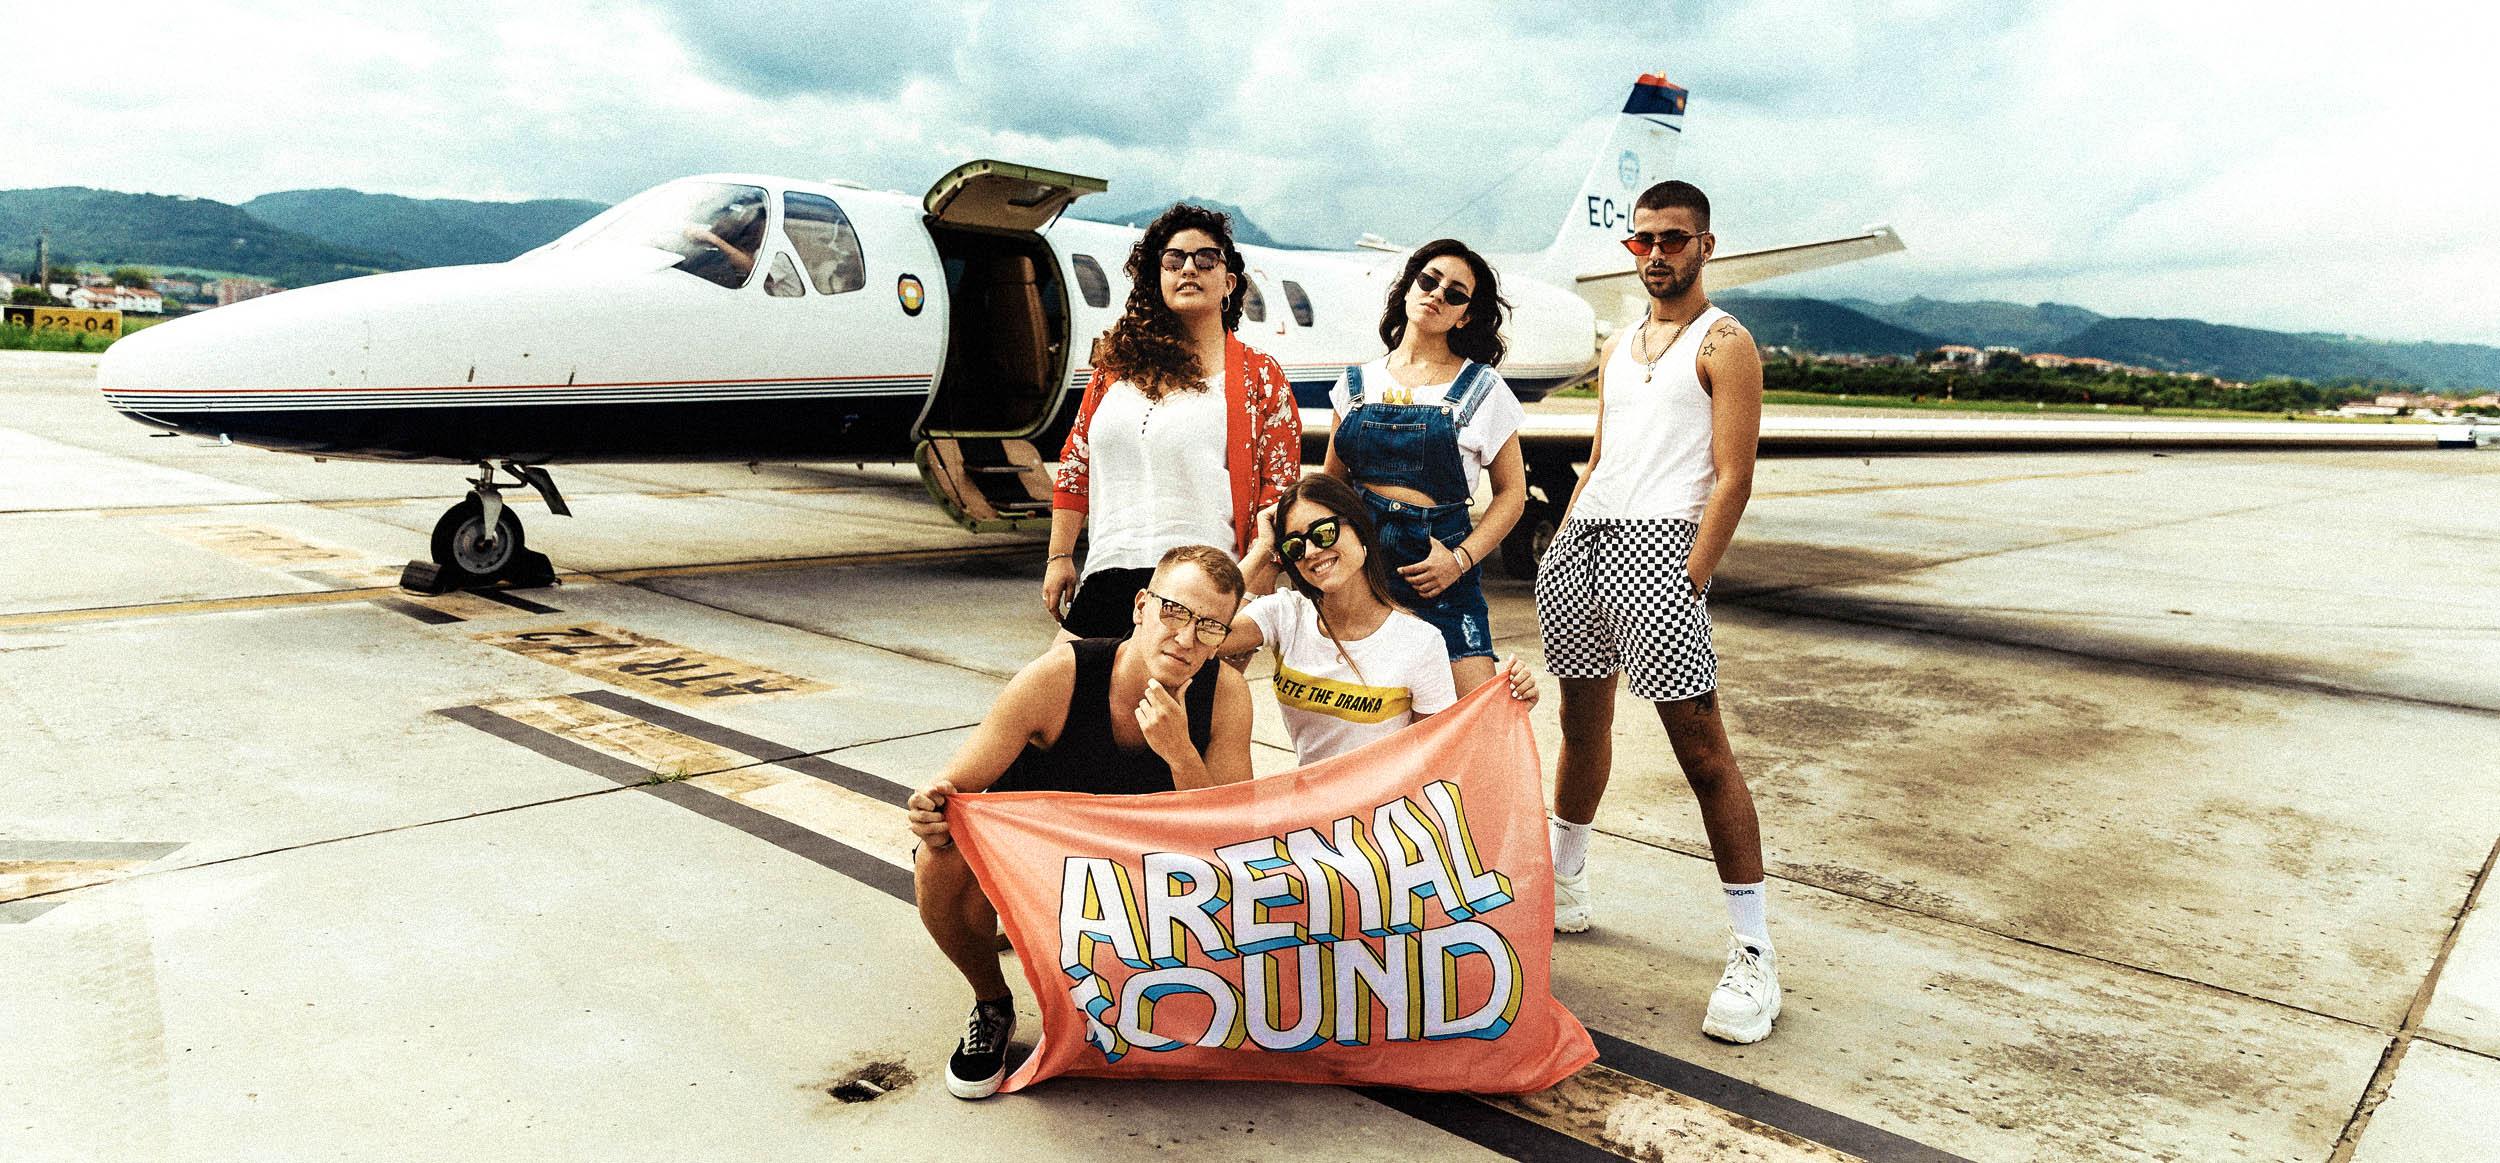 El Arenal Sound vende los 50.000 bonos en solo 14 horas